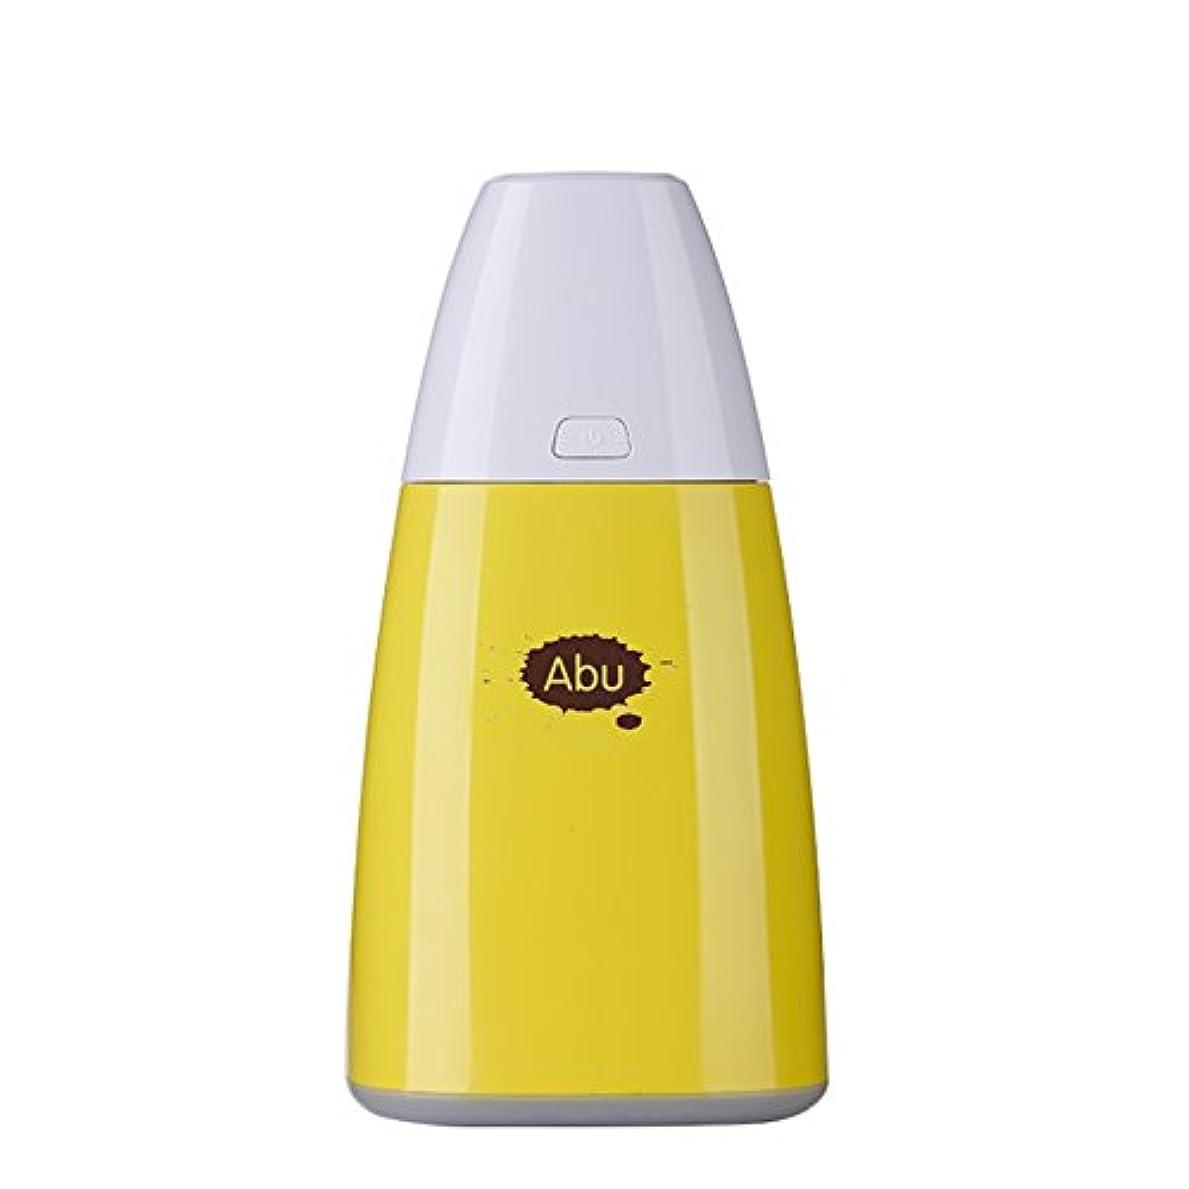 肌寒いオリエント消毒するRakuby 250ml USBポータブル アロマ セラピーエッセンシャルオイル ディフューザー ミニ 超音波 クールミスト加湿器 カラフル LEDライト ホームオフィス 寝室用